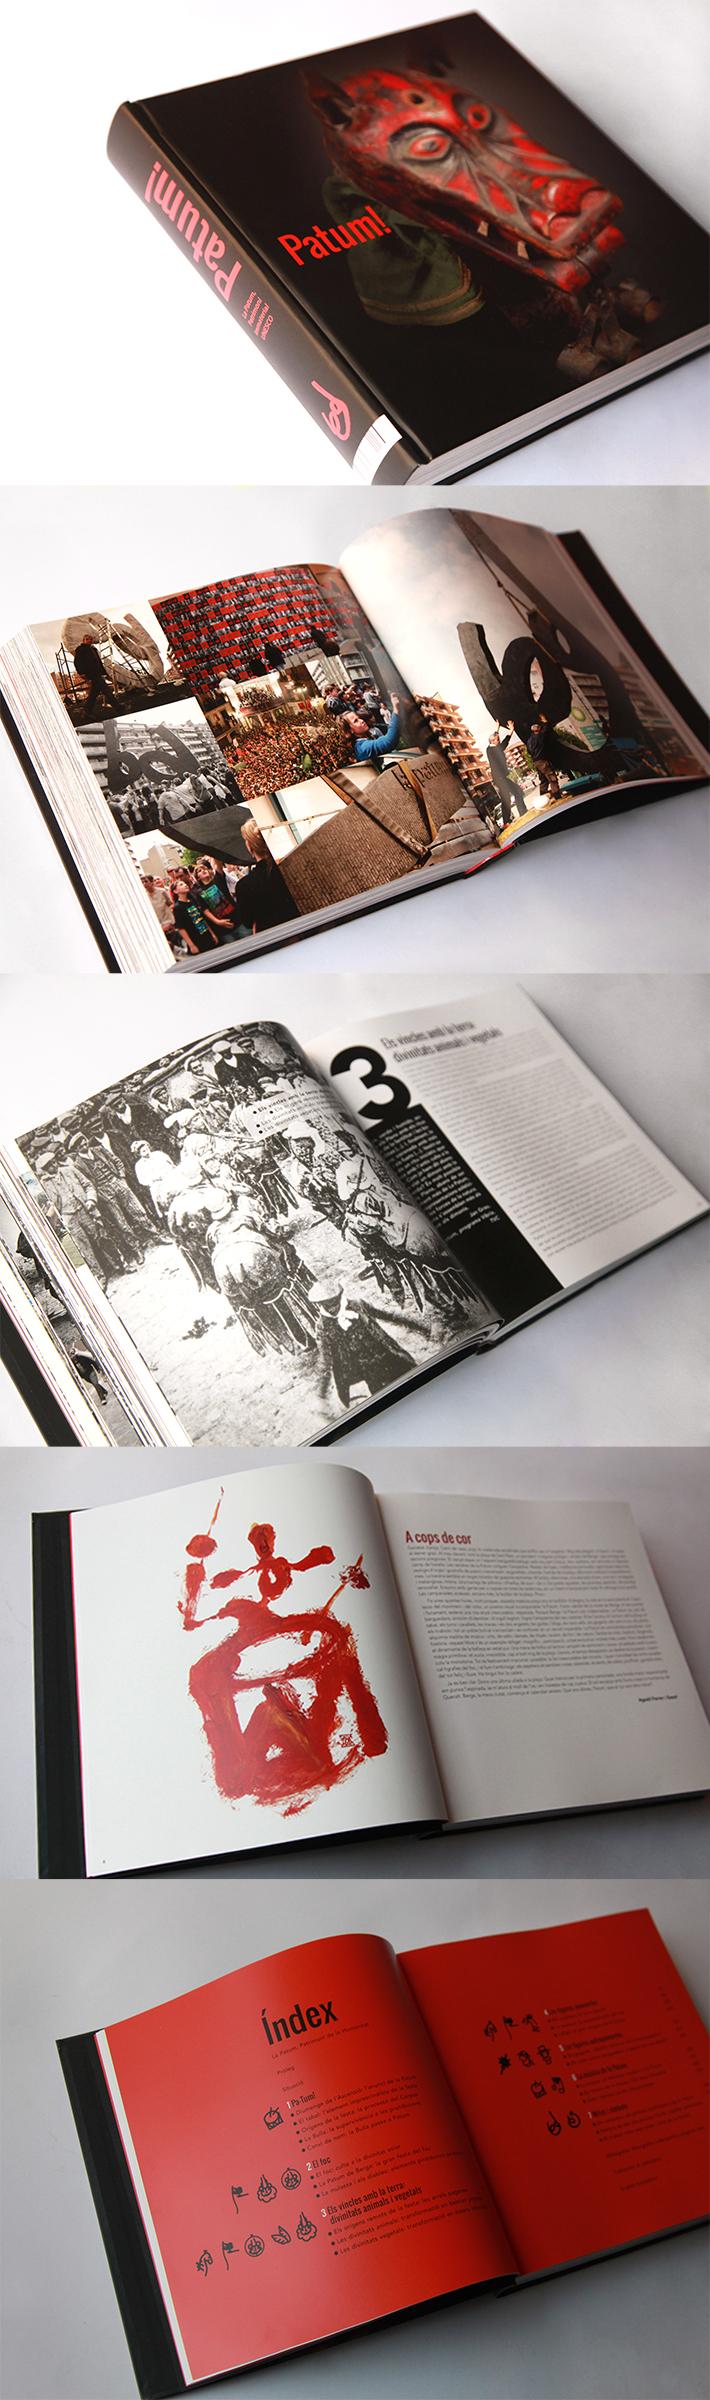 llibre_patum